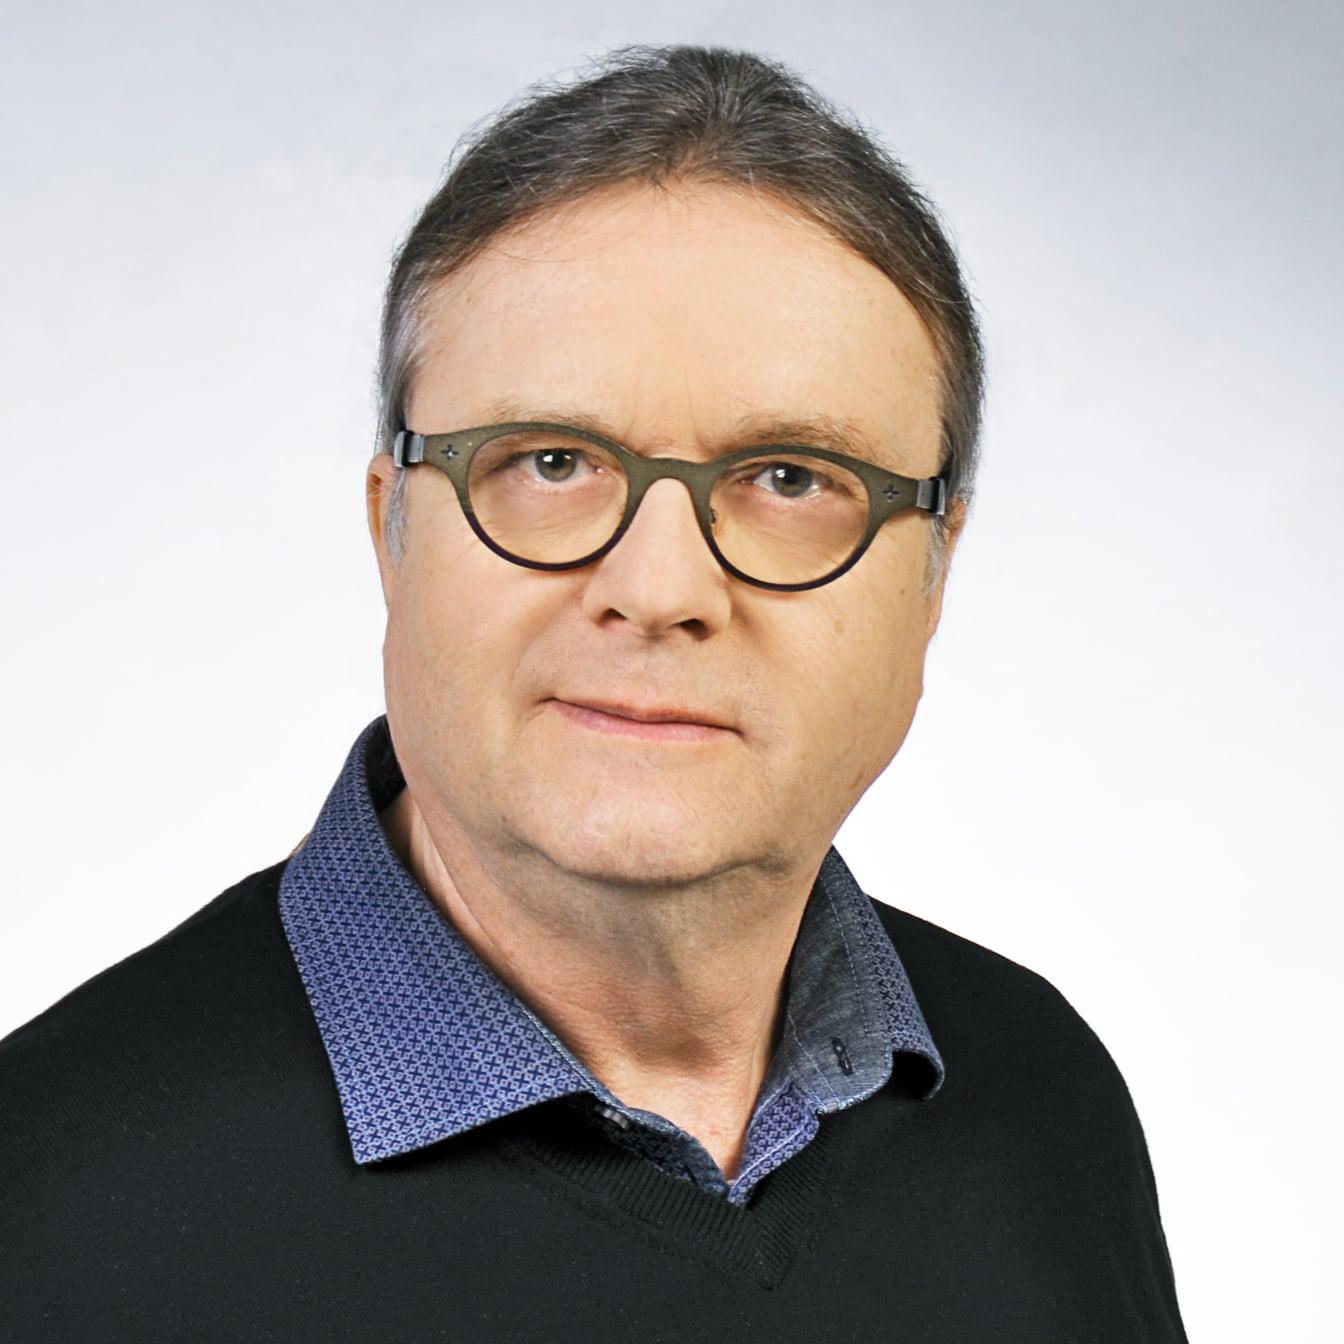 Erik Dancs - Erfahrener Coach aus Überzeugung und Berufung